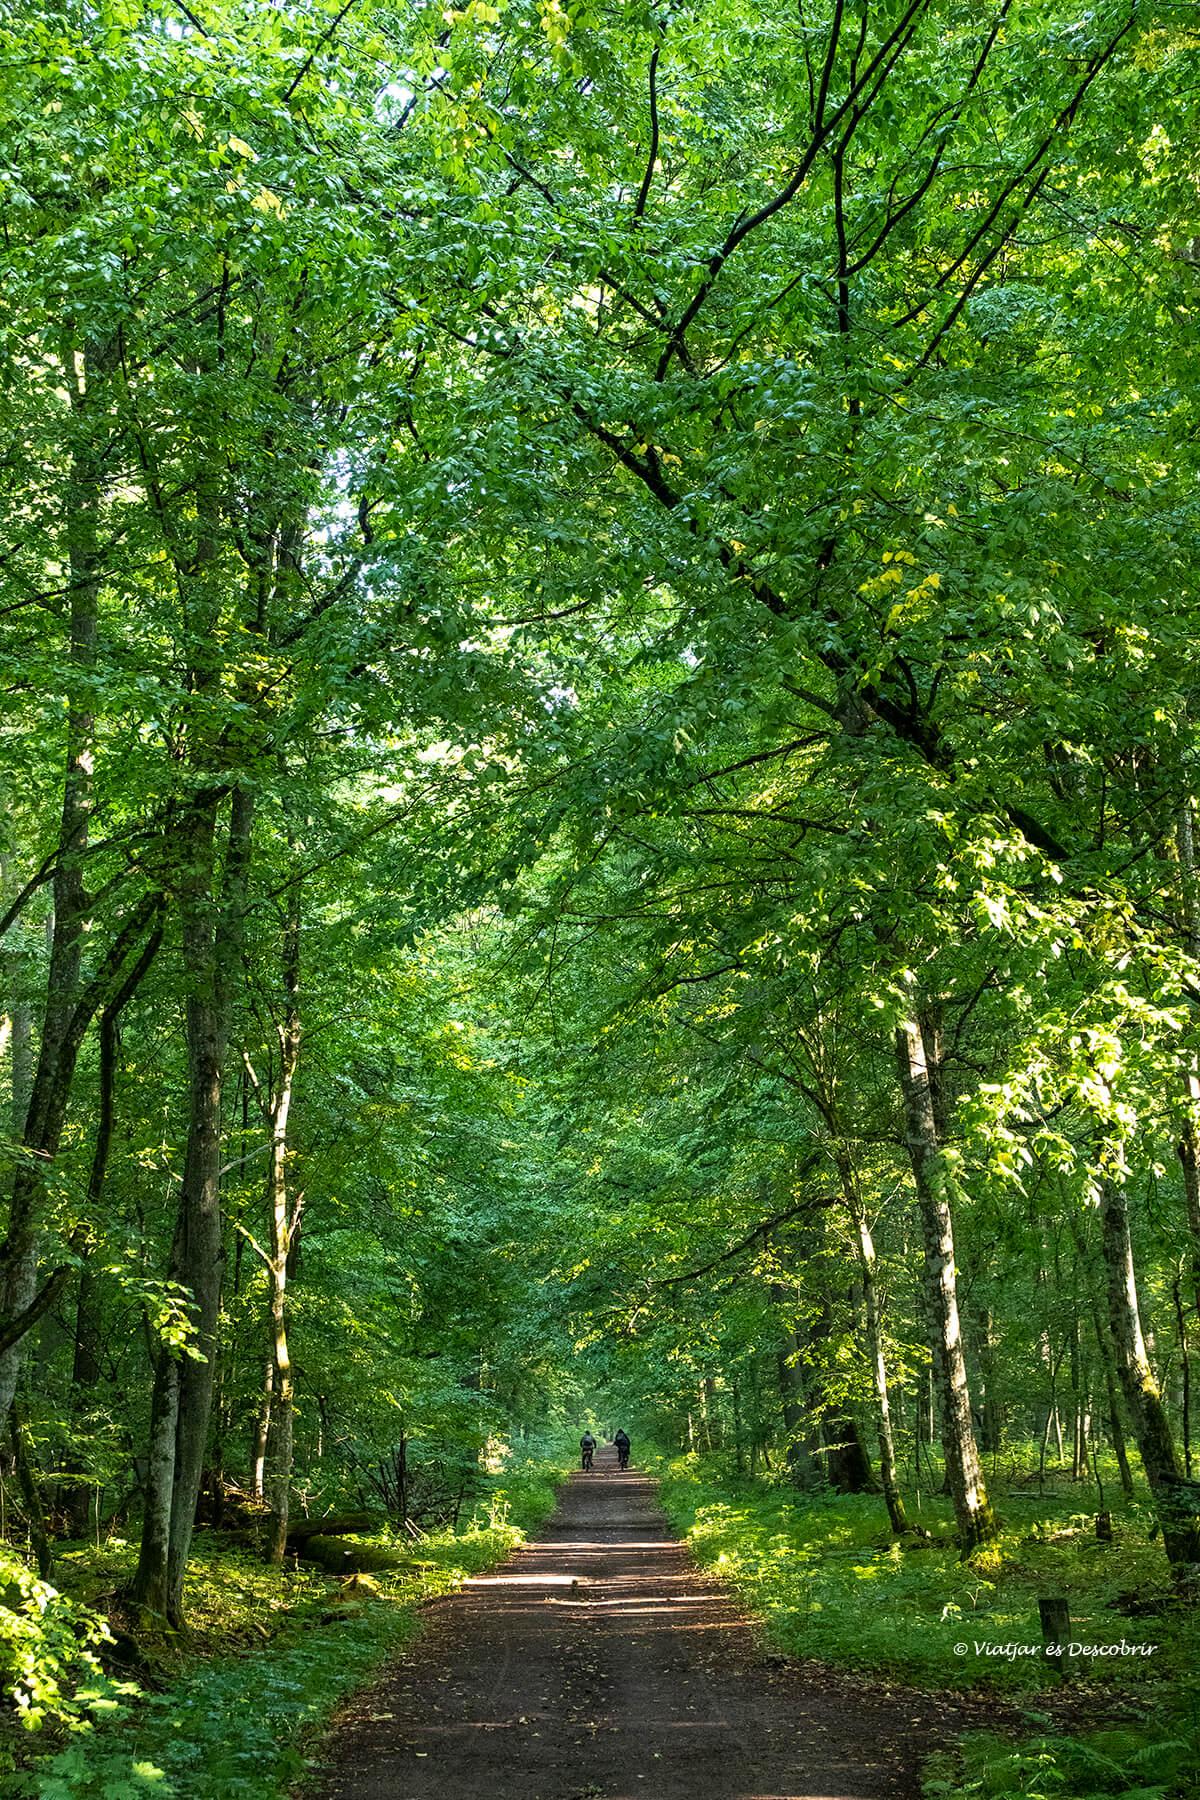 imagen vertical del bosque de Bialowieza y un camino